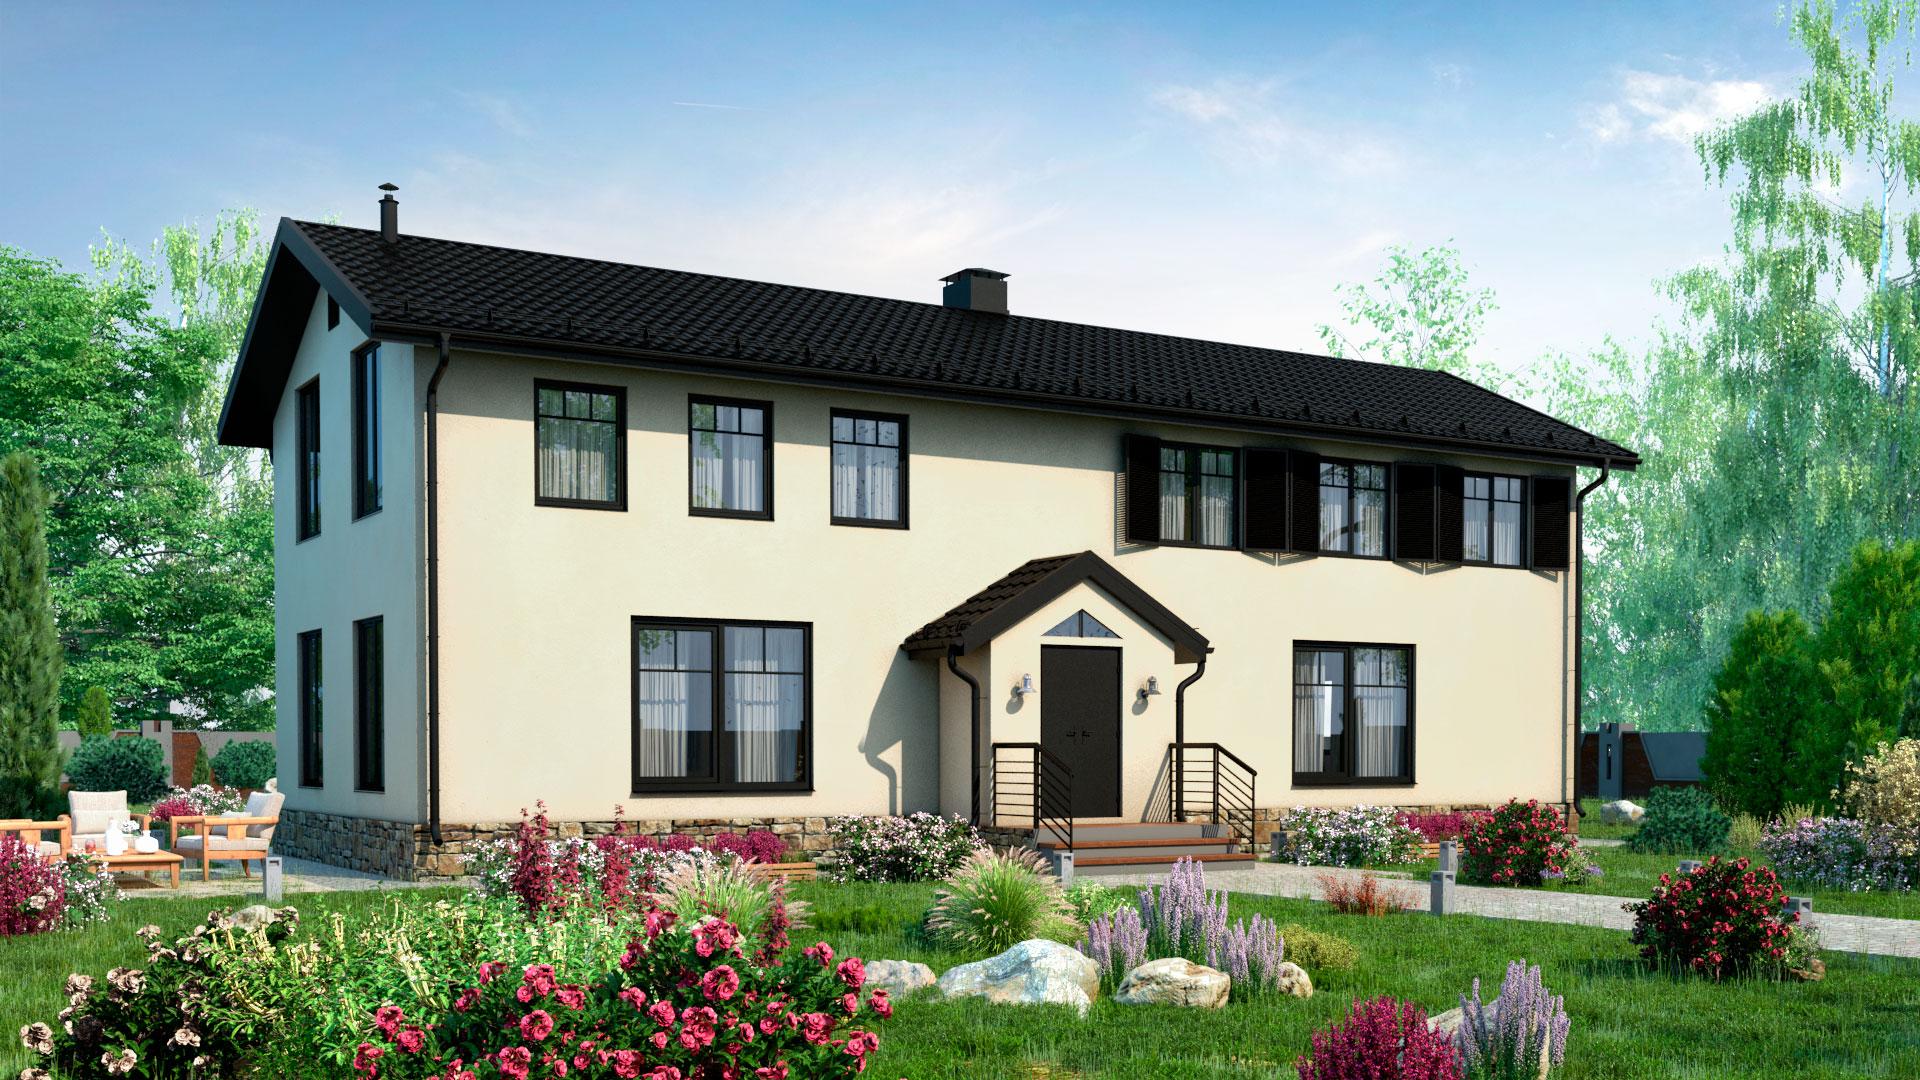 Передний фасад двухэтажного дома БЭНПАН, проект МС-200.